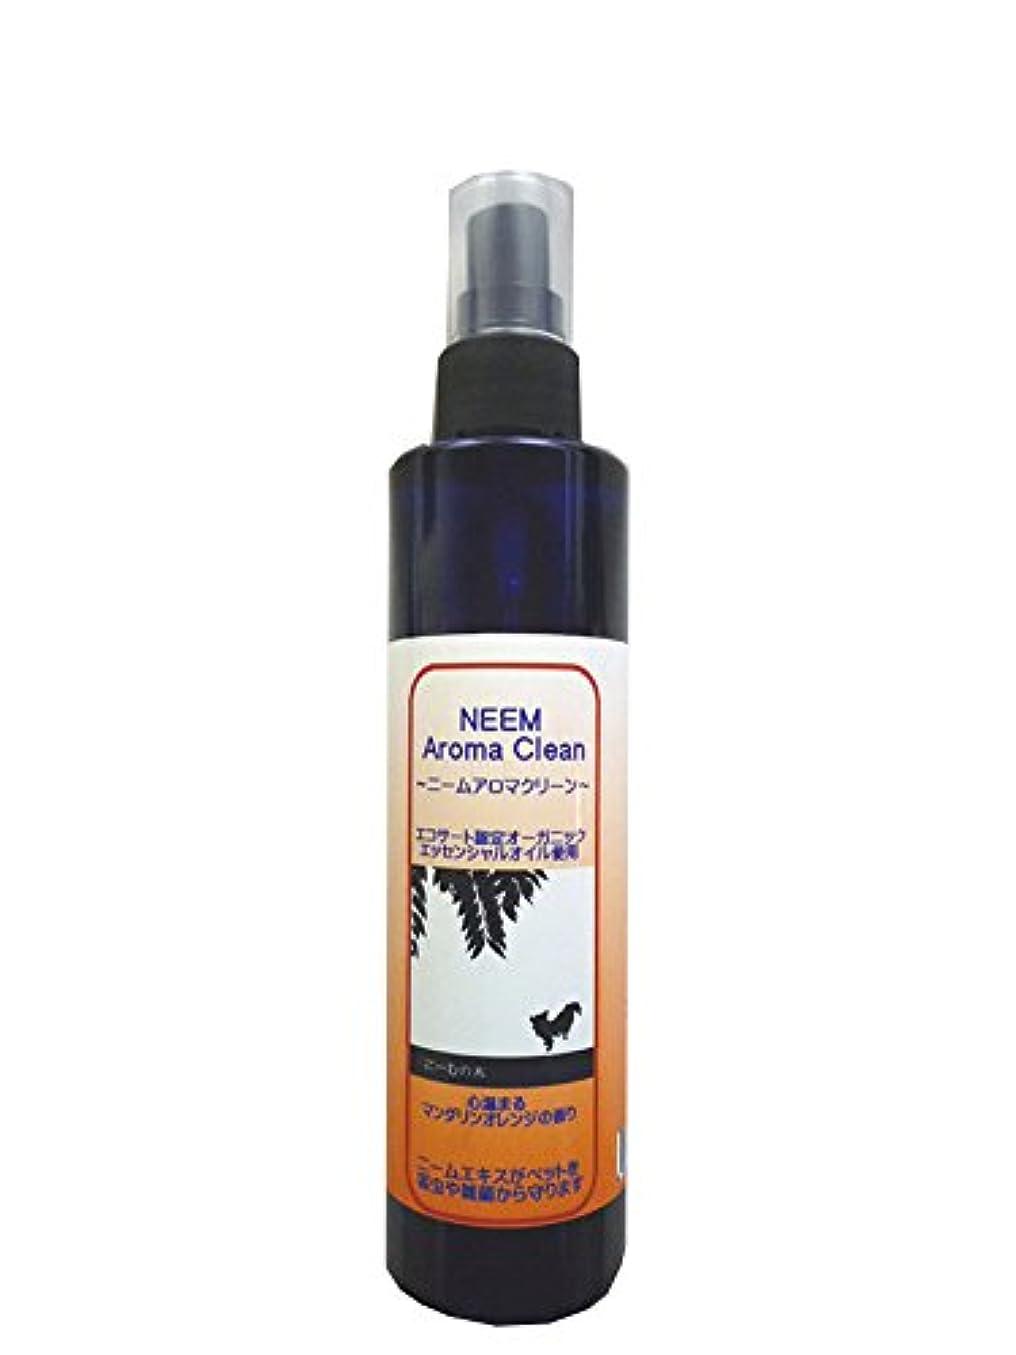 ヒールハードウェア略奪ニームアロマクリーン(マンダリンオレンジ) NEEM Aroma Clean 200ml 【BLOOM】【(ノミ?ダニ)駆除用としてもお使いいただけます。】